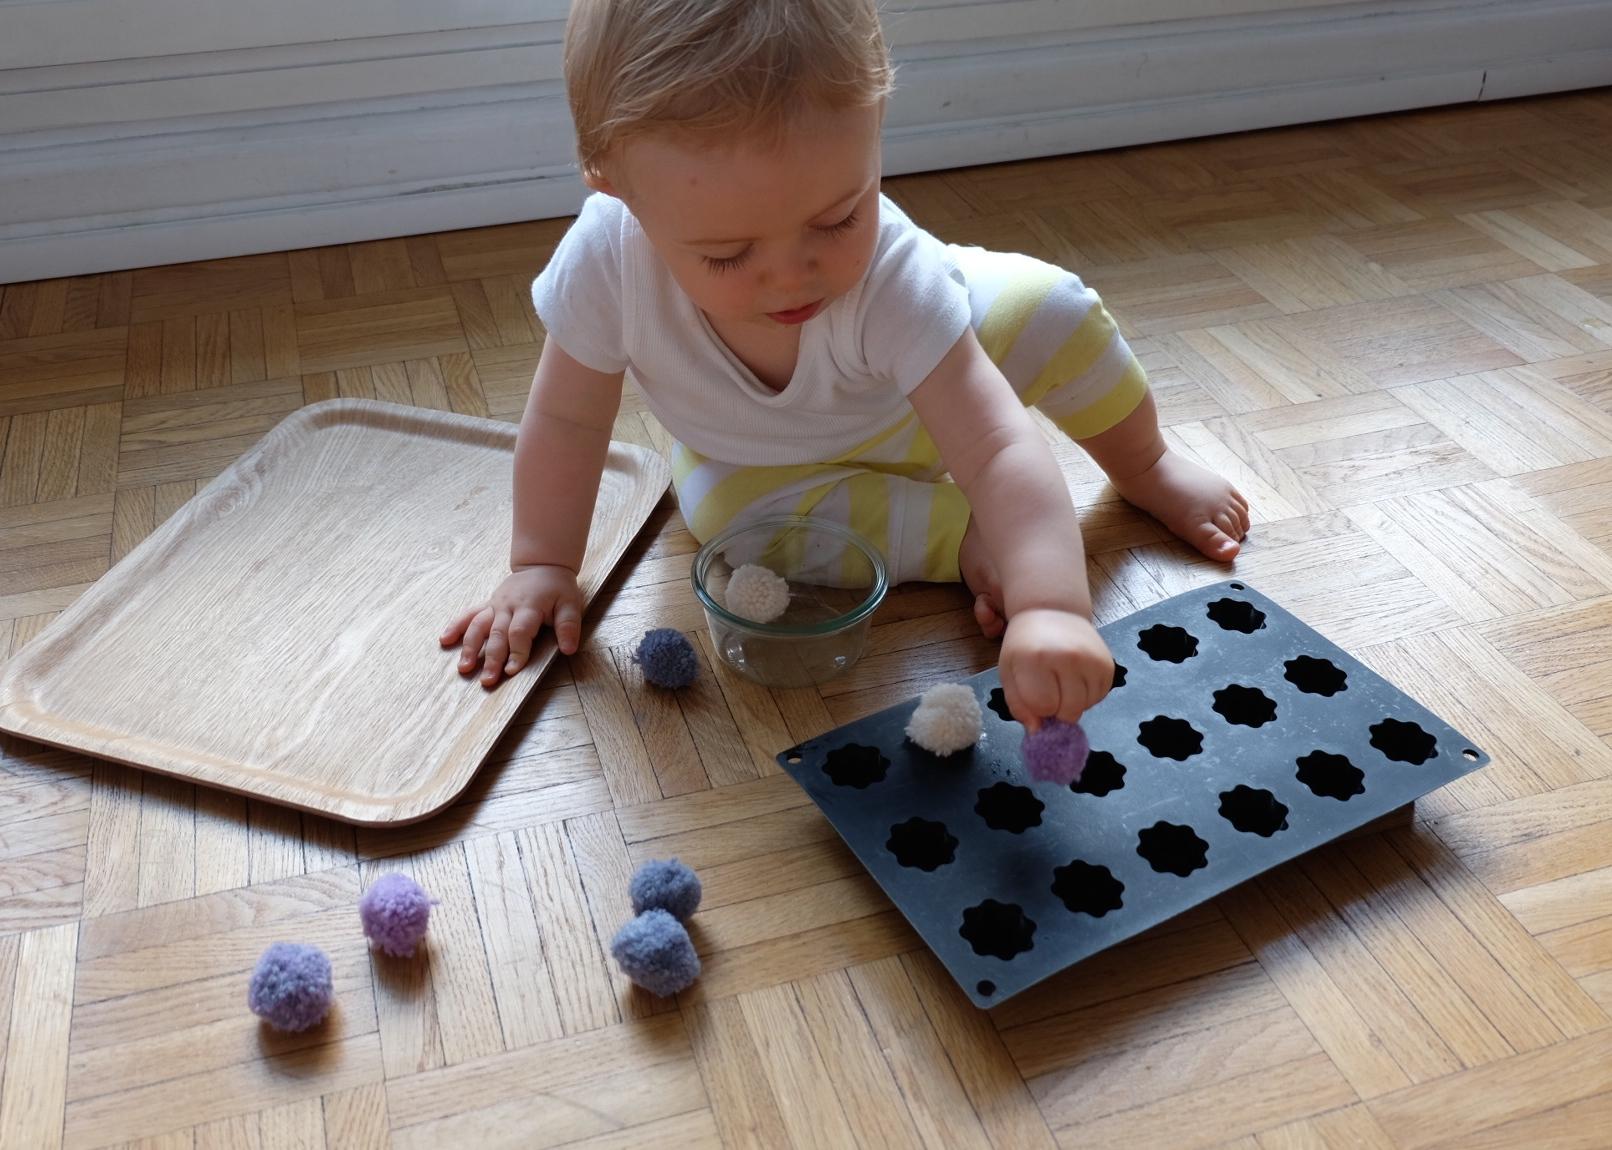 Comment choisir les activités adaptées pour les bébés jusqu'à son 6è mois ?